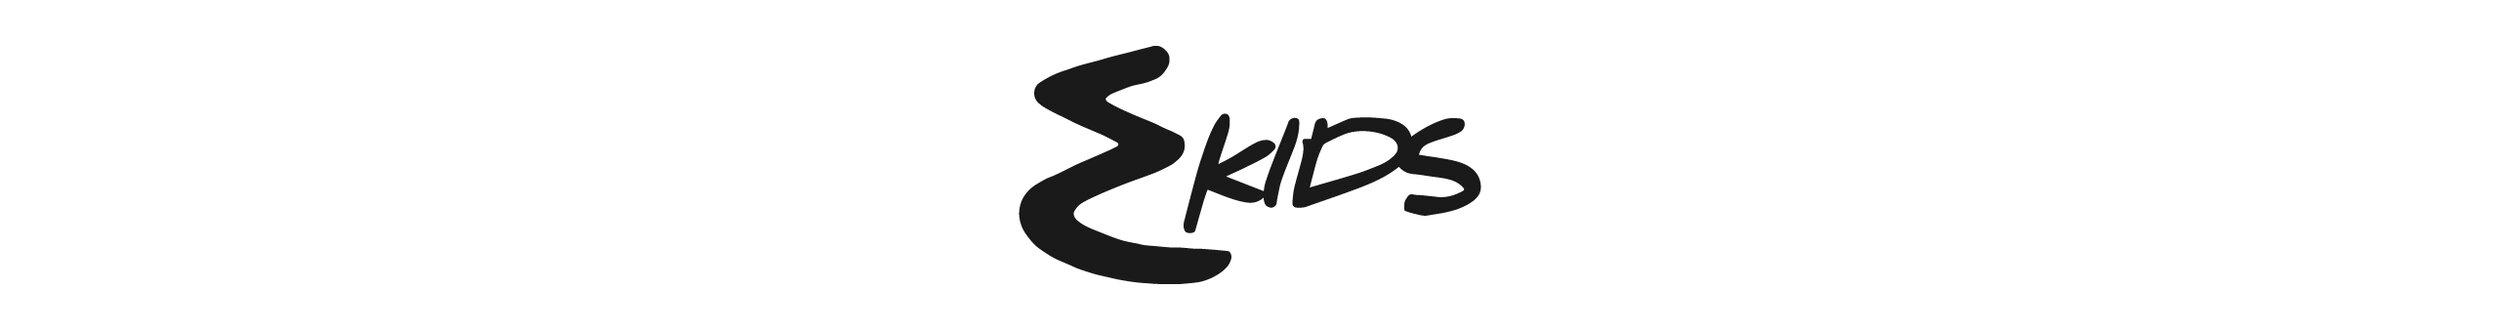 Ekids-HQ-logo-for-web.jpg